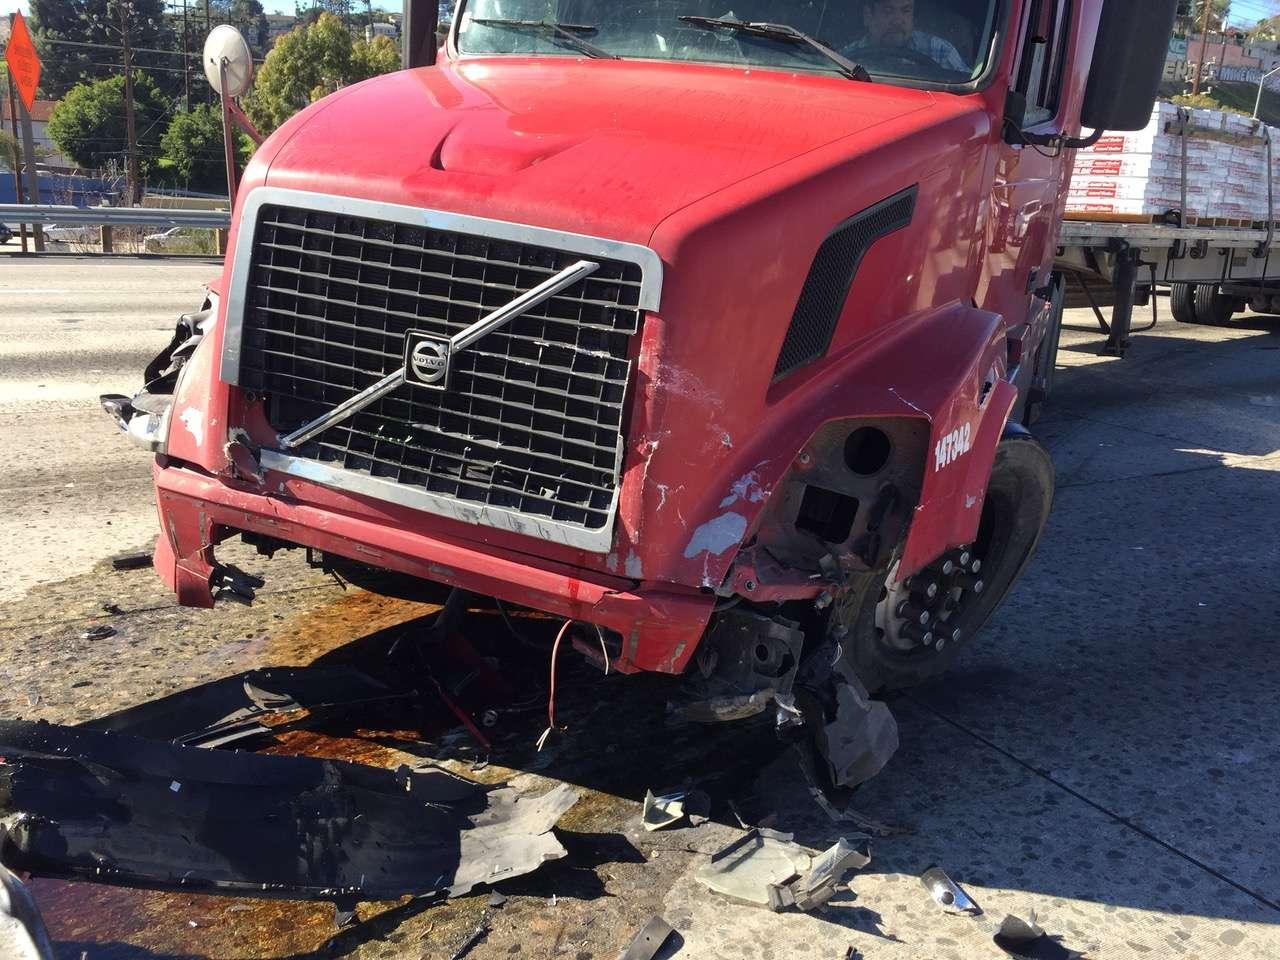 Semi-Truck-vs-Tesla-Model-S-accident.jpg